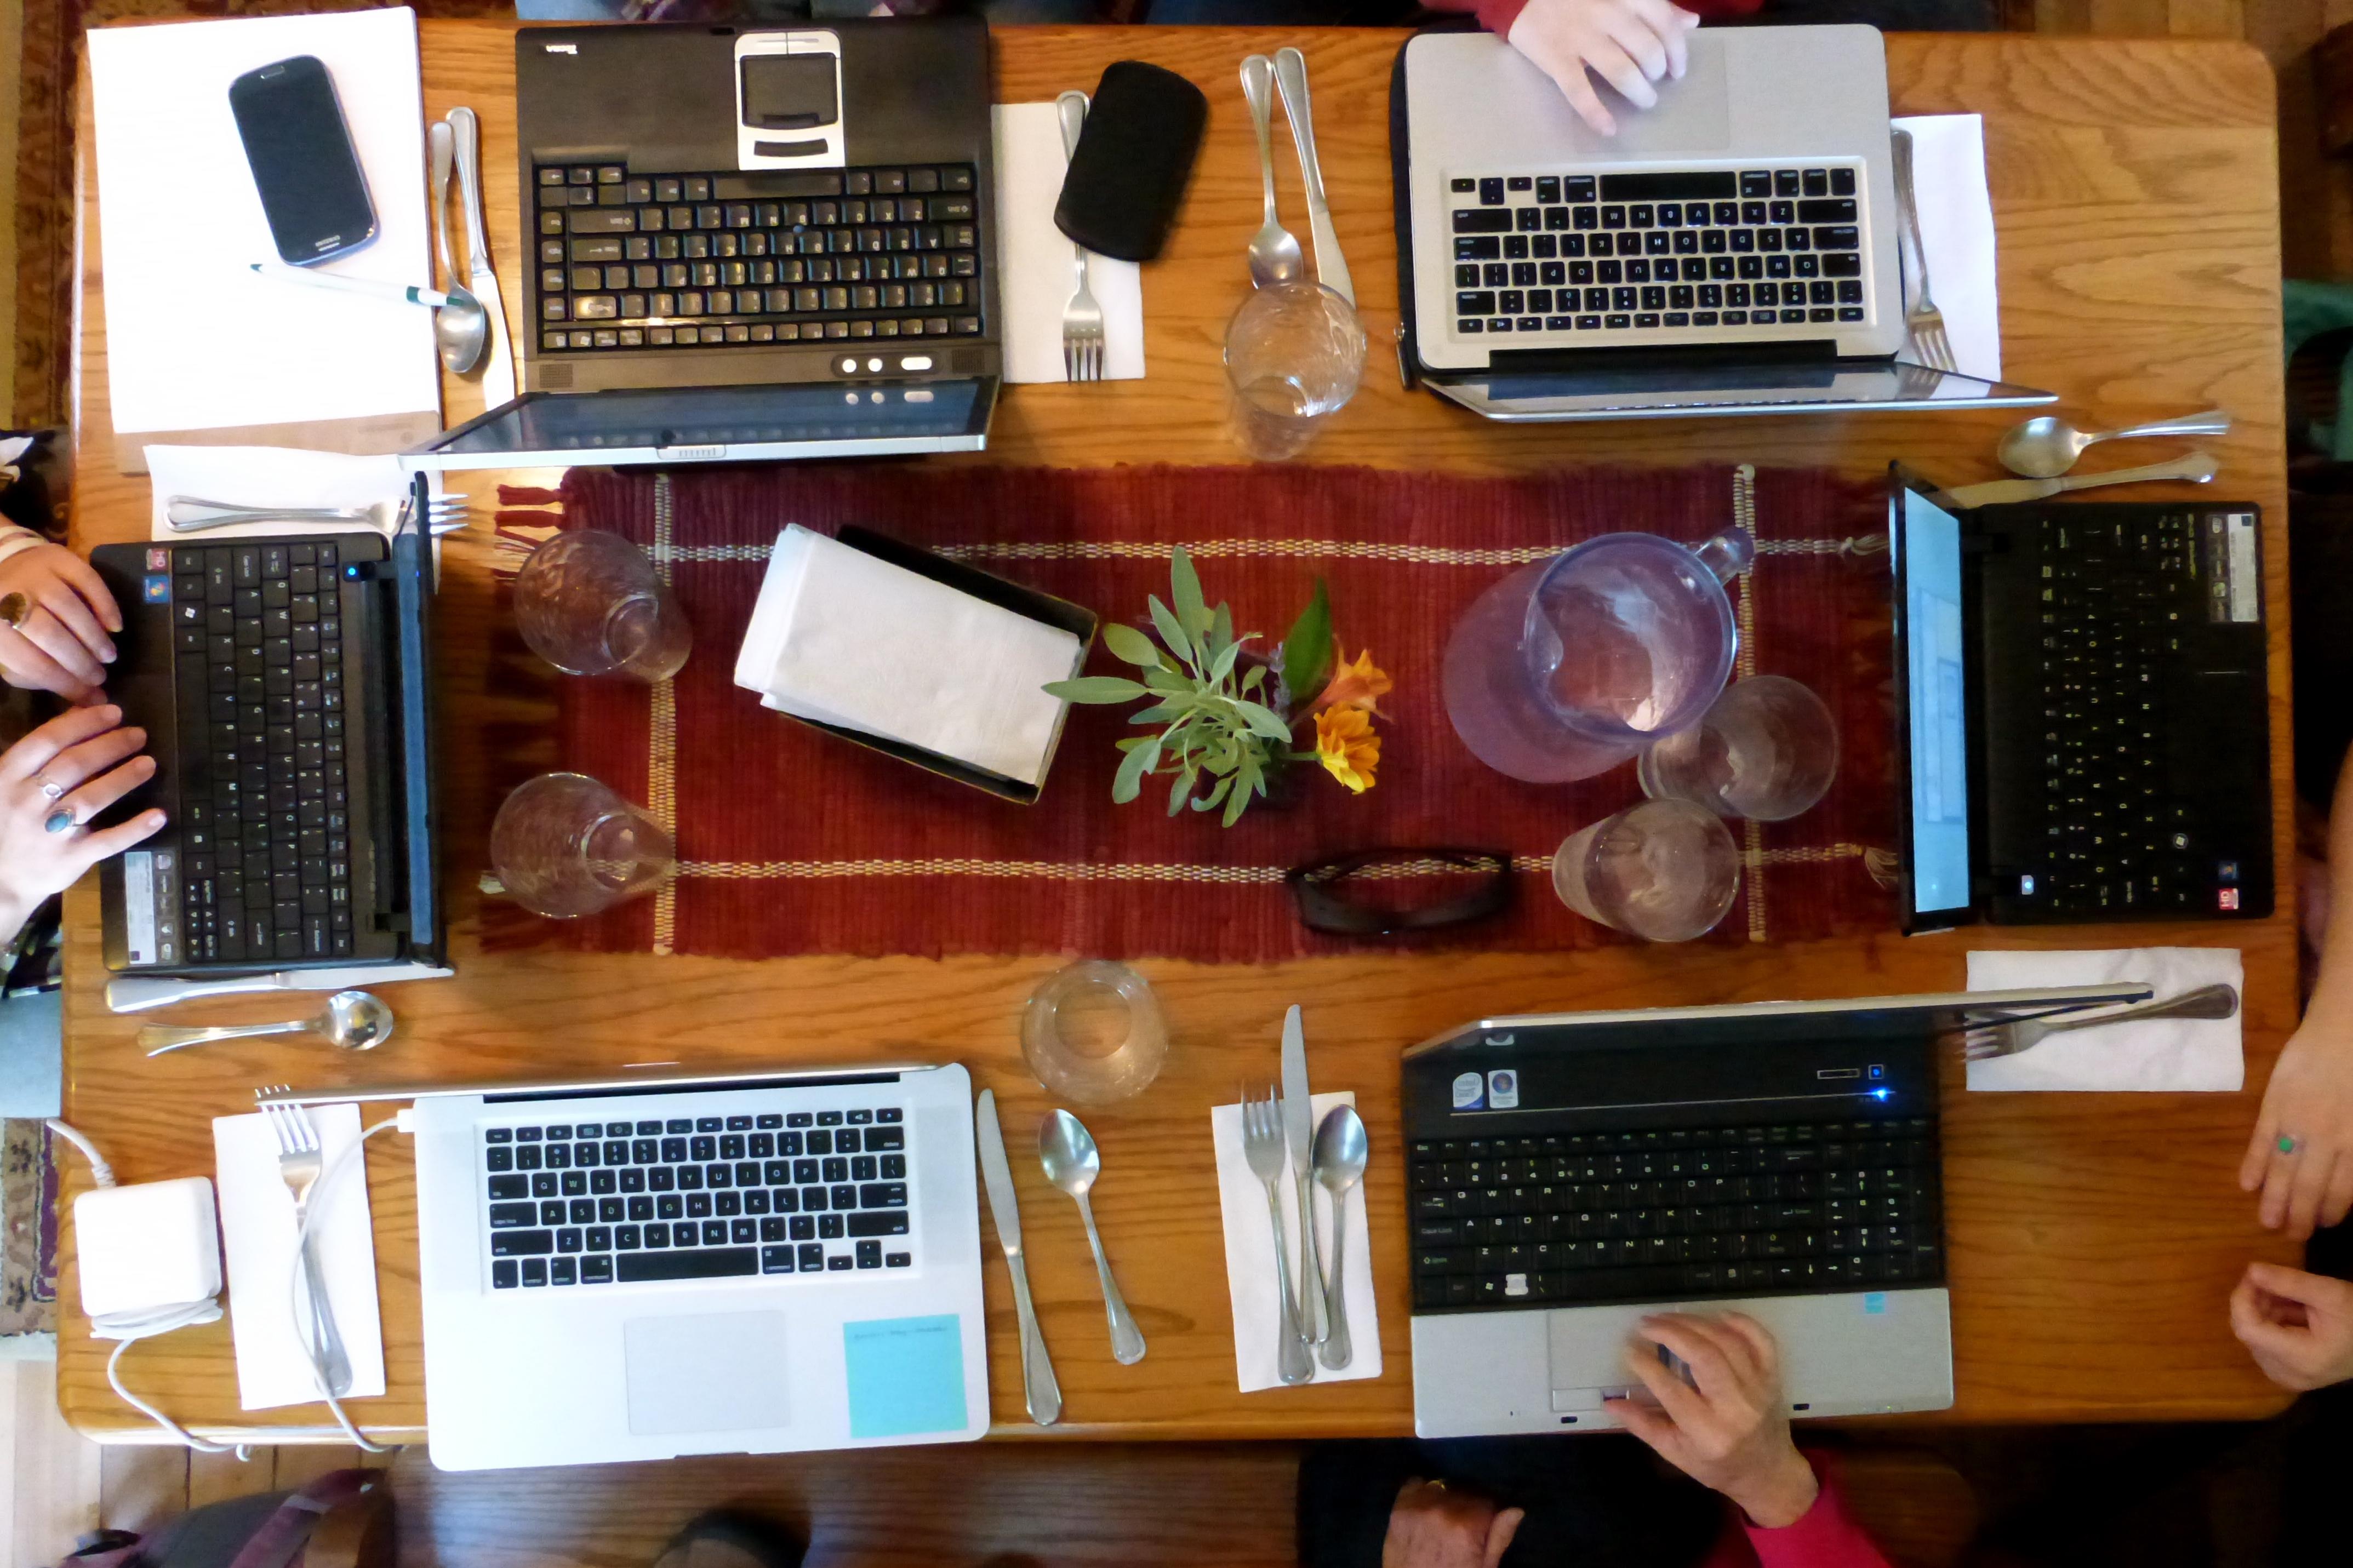 Laptop at meeting photo